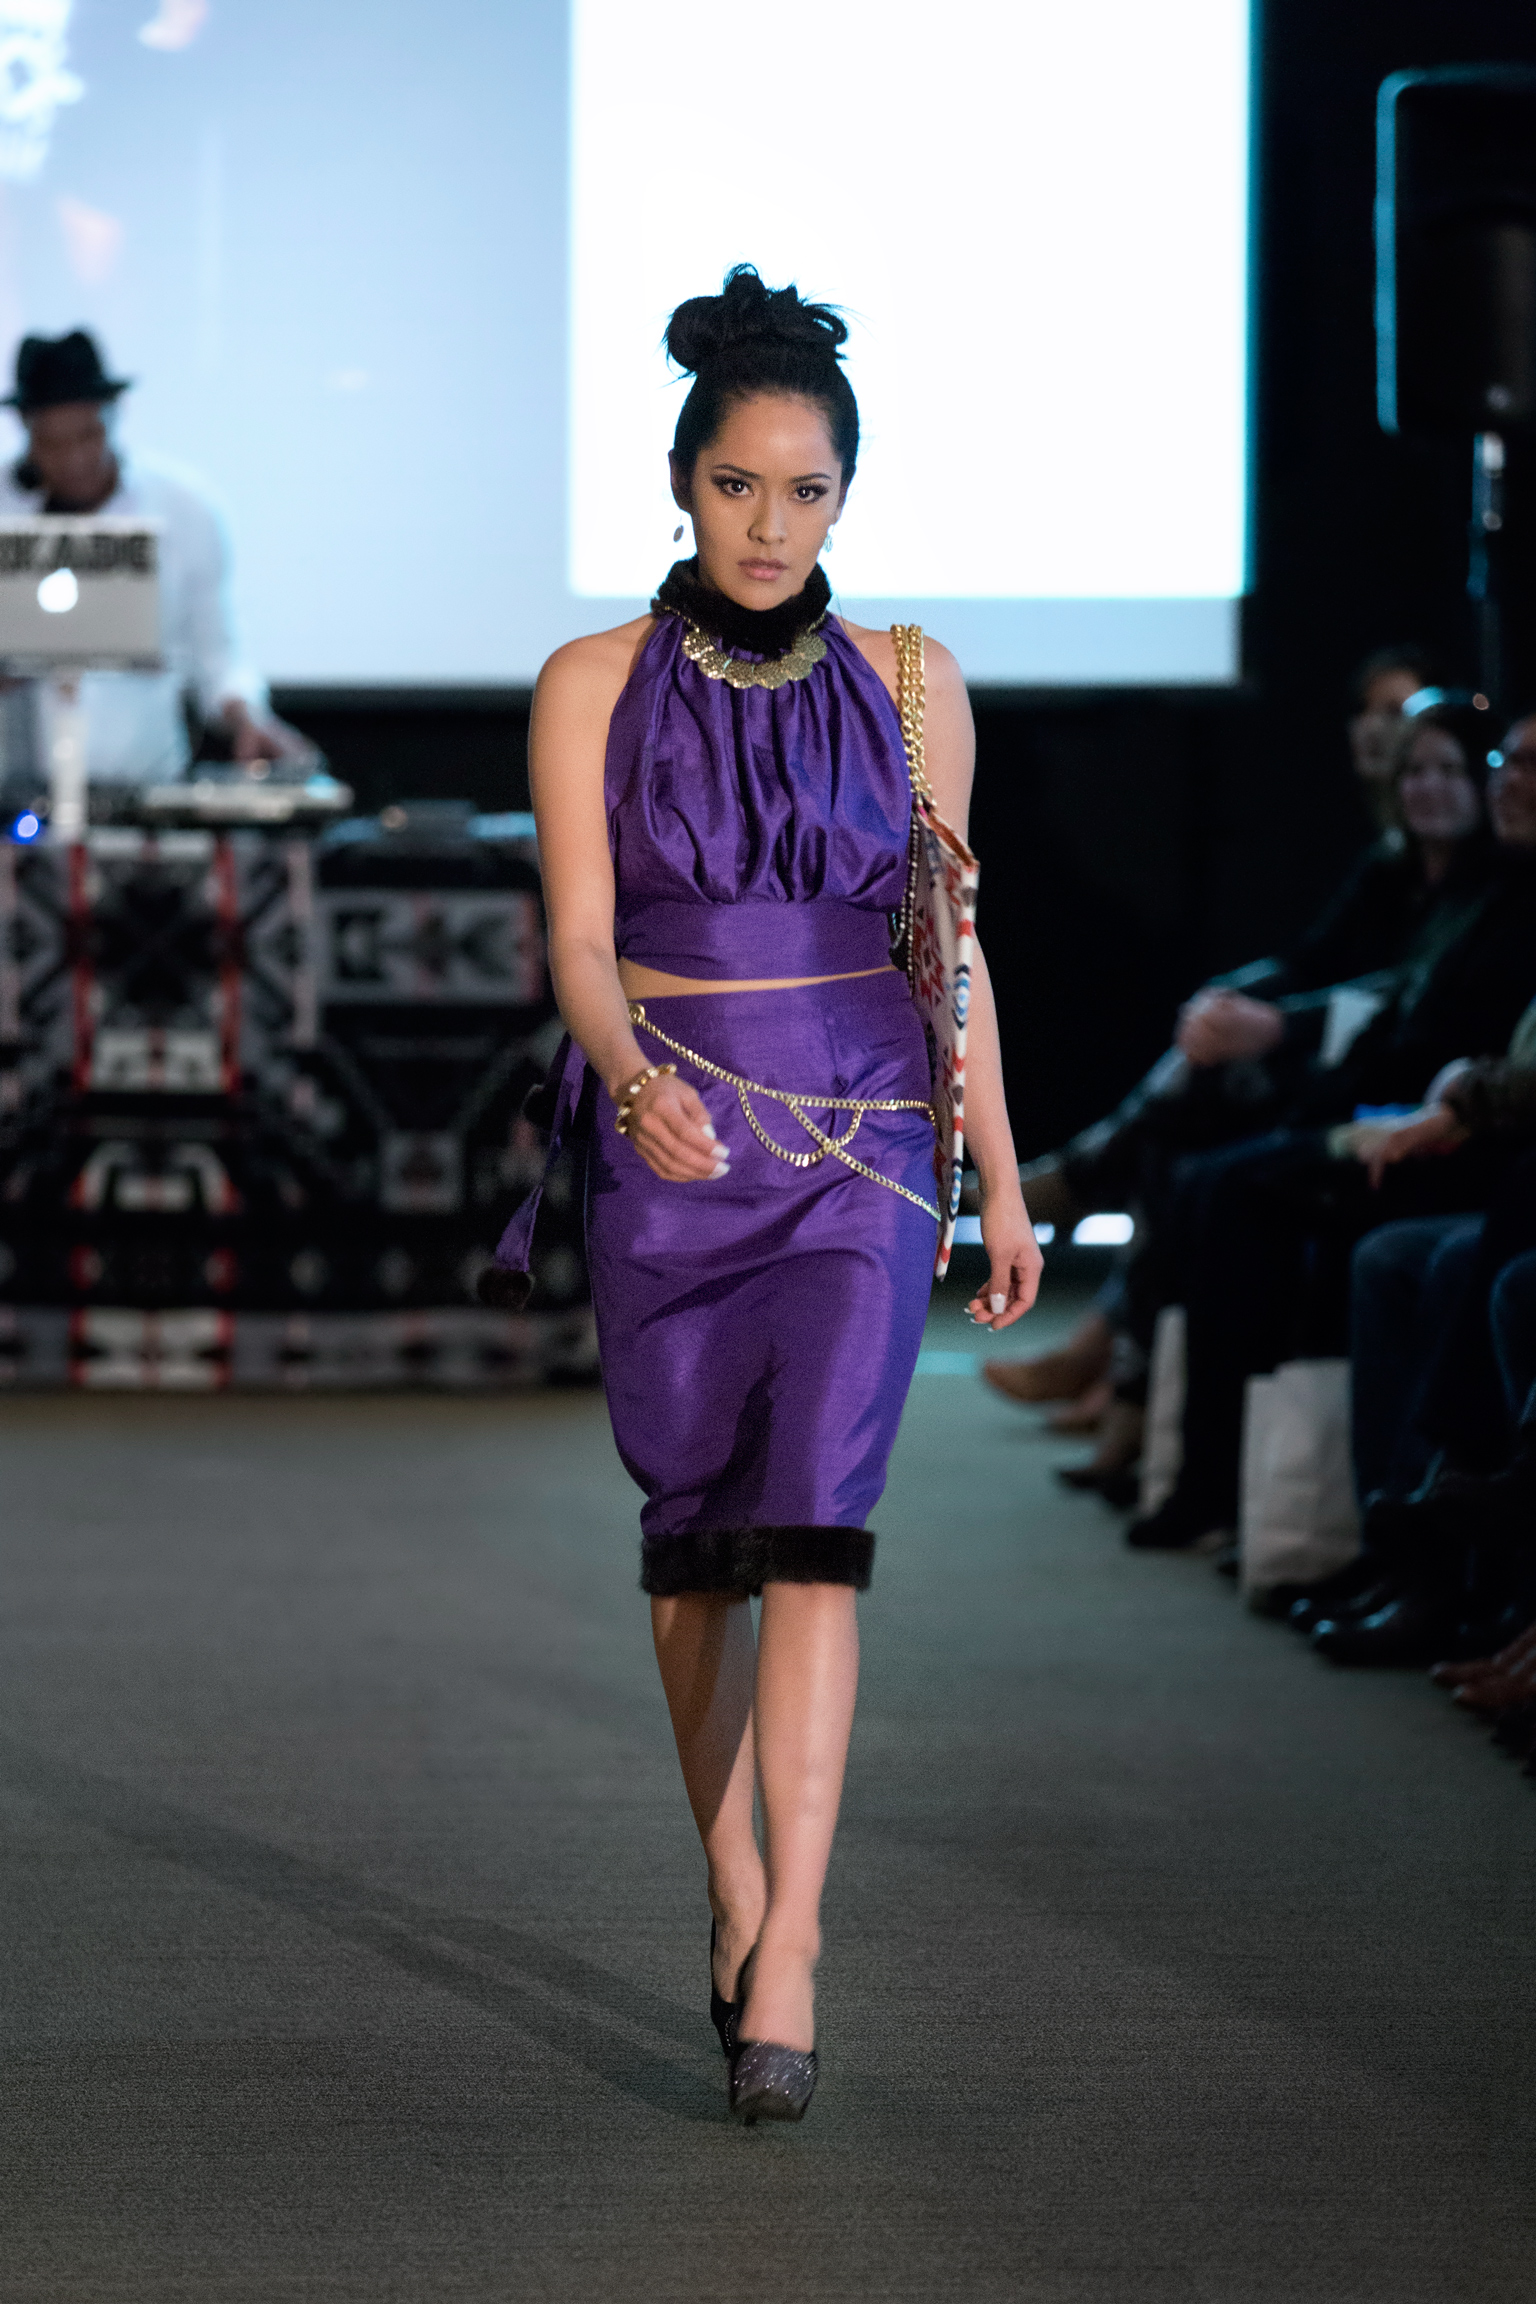 Native Fashion Show - 053.jpg